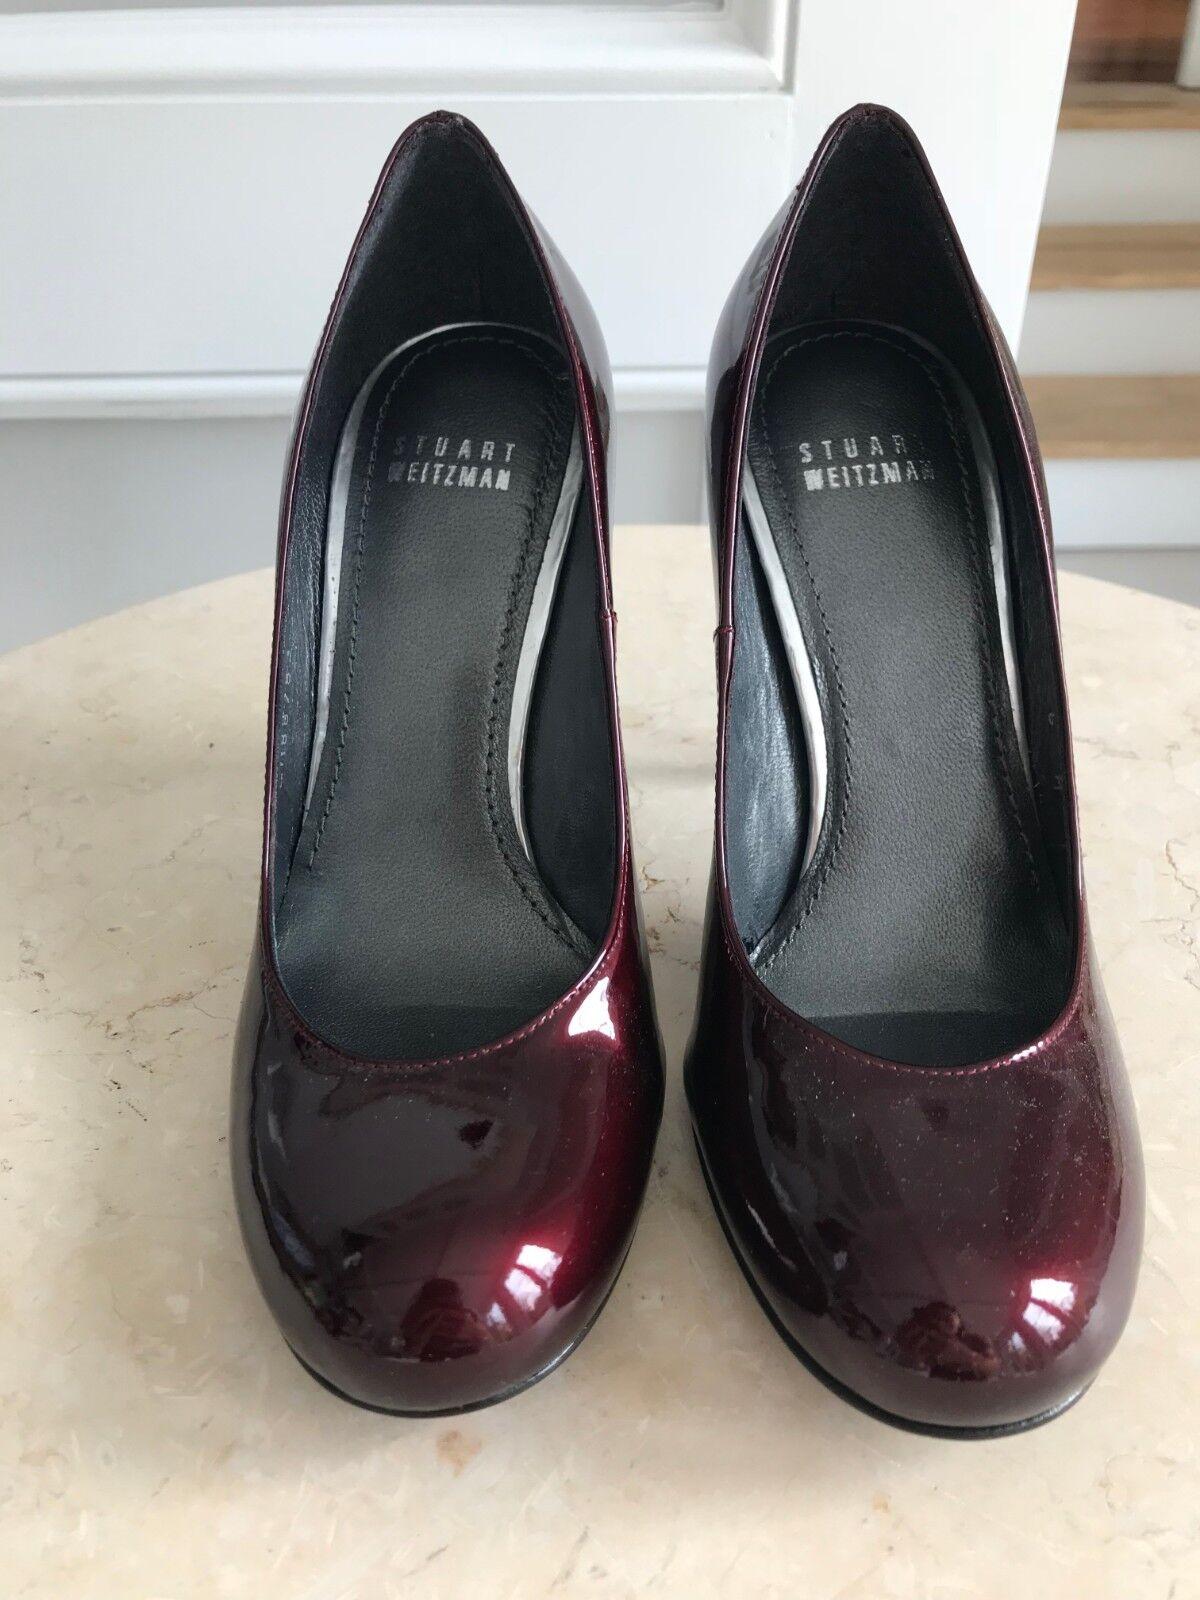 spedizione veloce in tutto il mondo Stuart Weitzman Patent Leather Burgundy Pumps scarpe Round Toe Heels Heels Heels Dimensione 6M  ordinare on-line